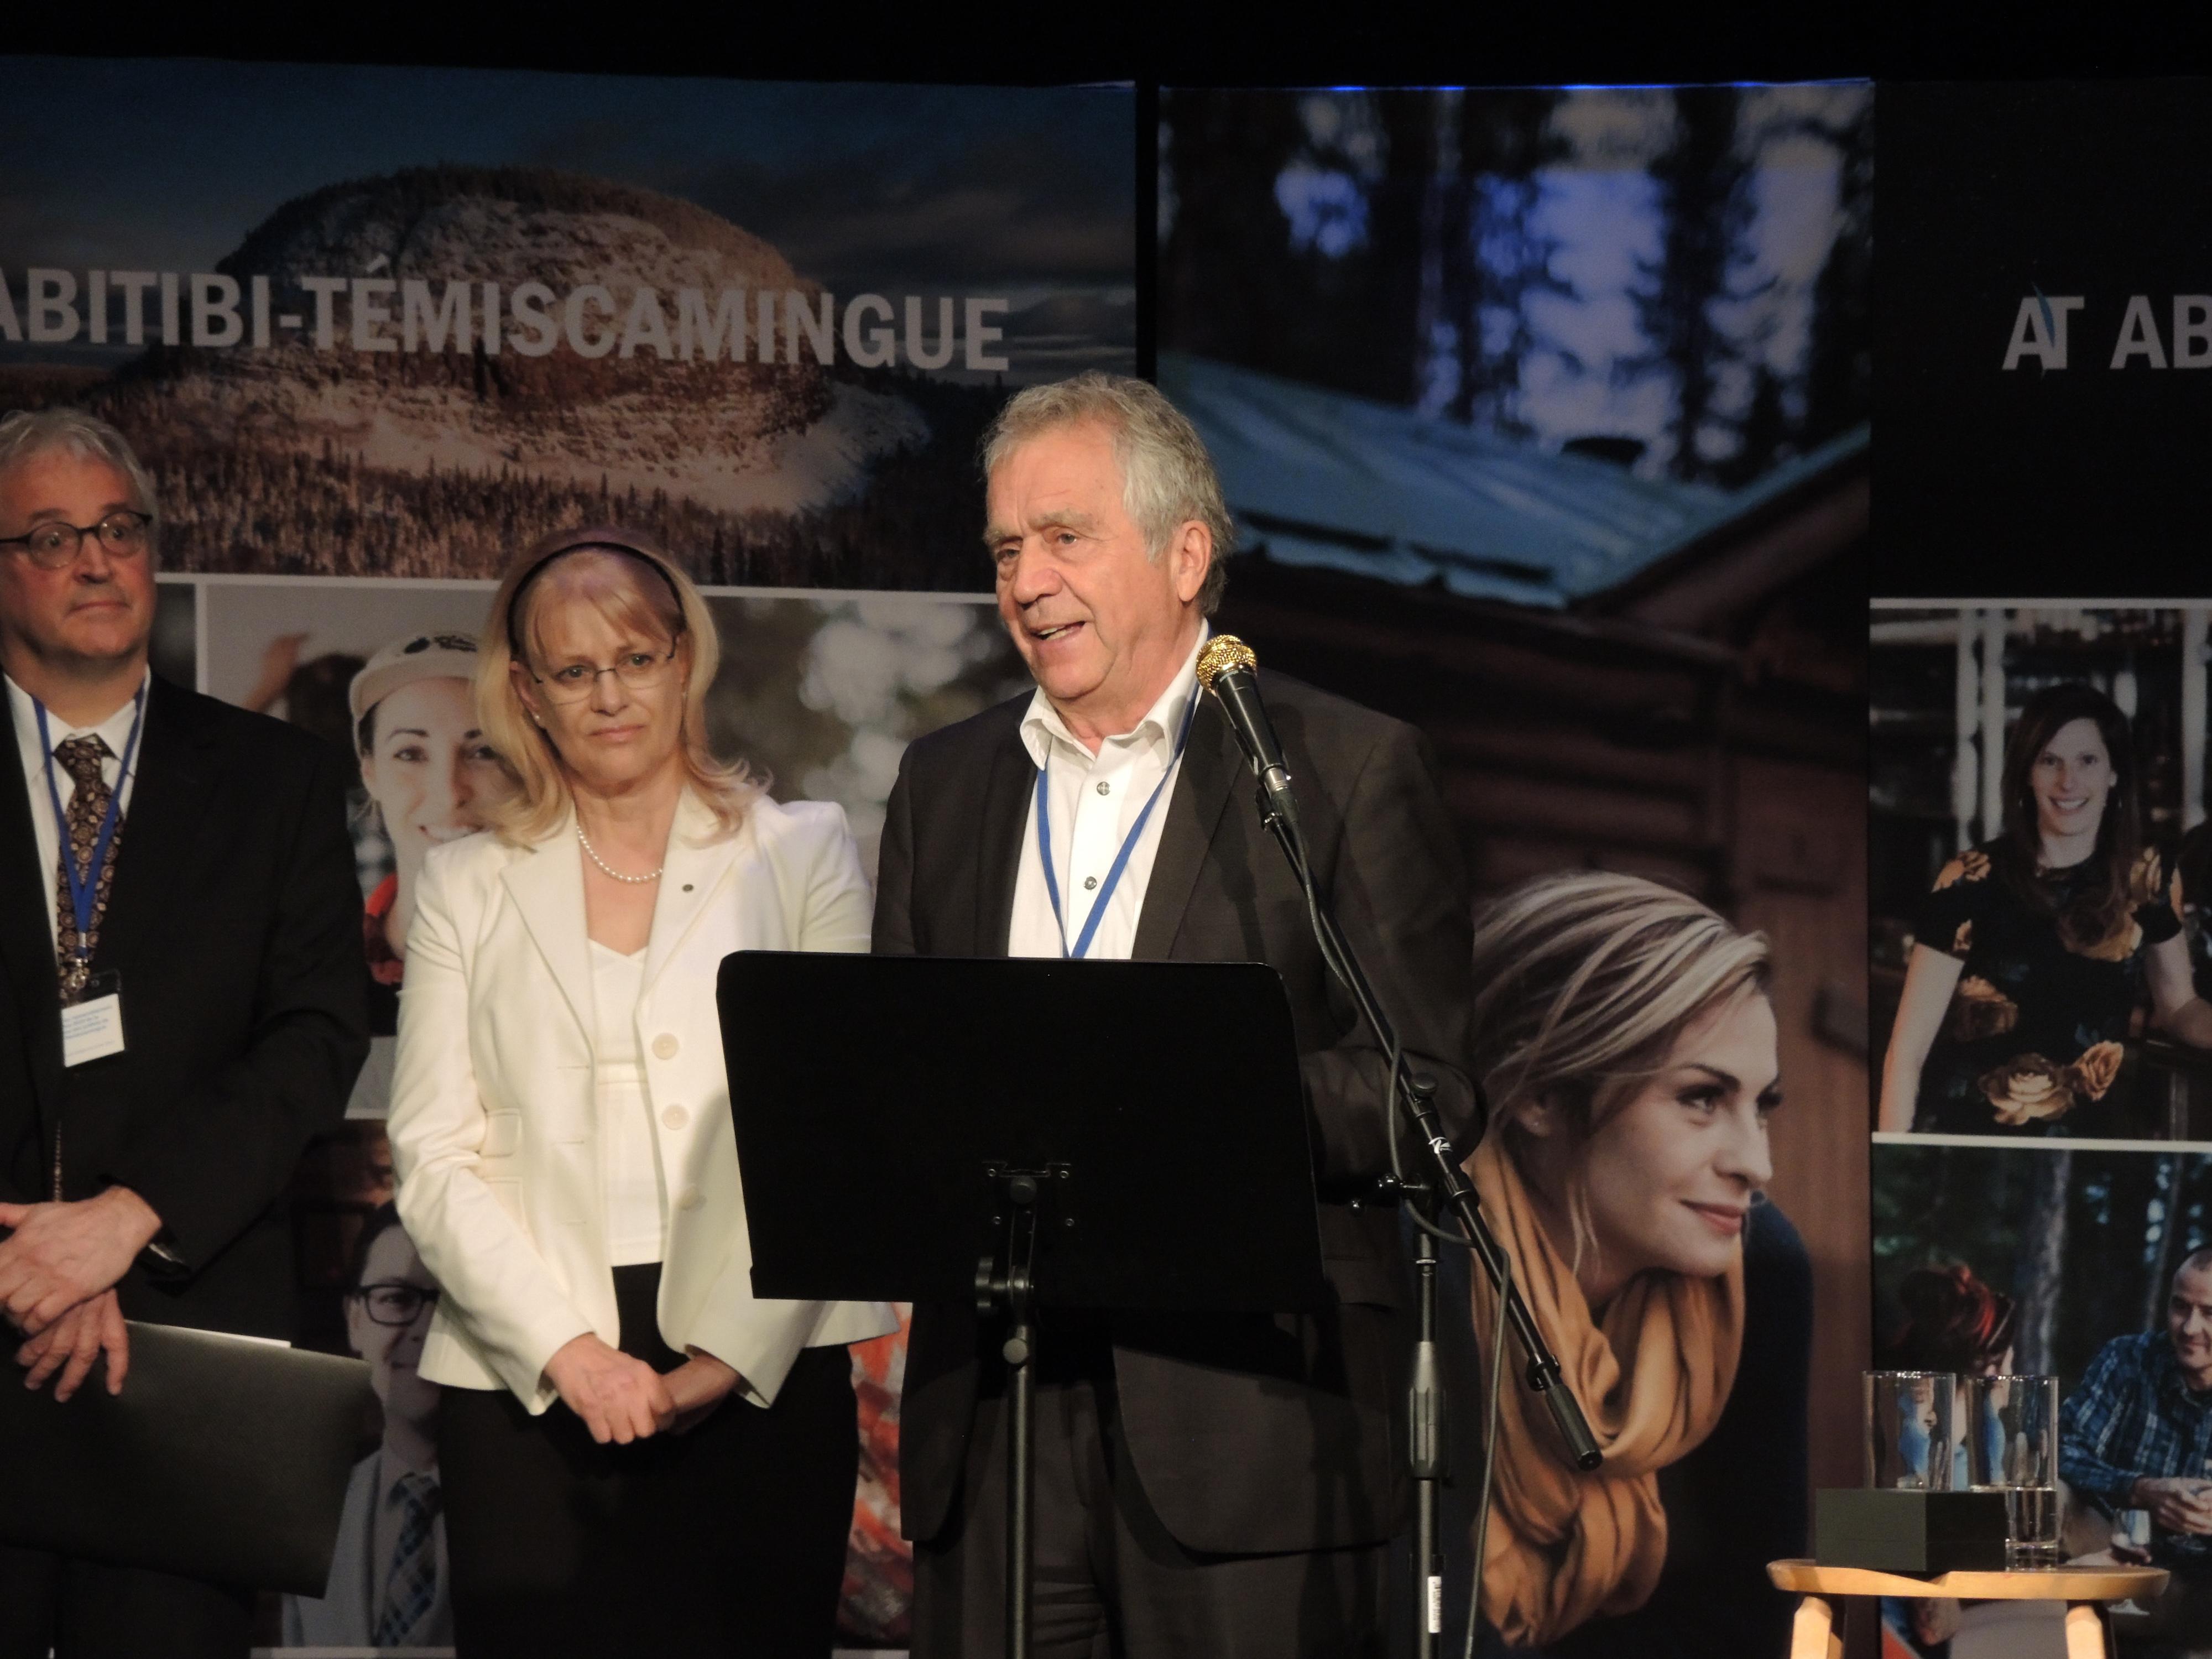 François Gendron Medaille regionale de l'Abitibi-Temiscamingue